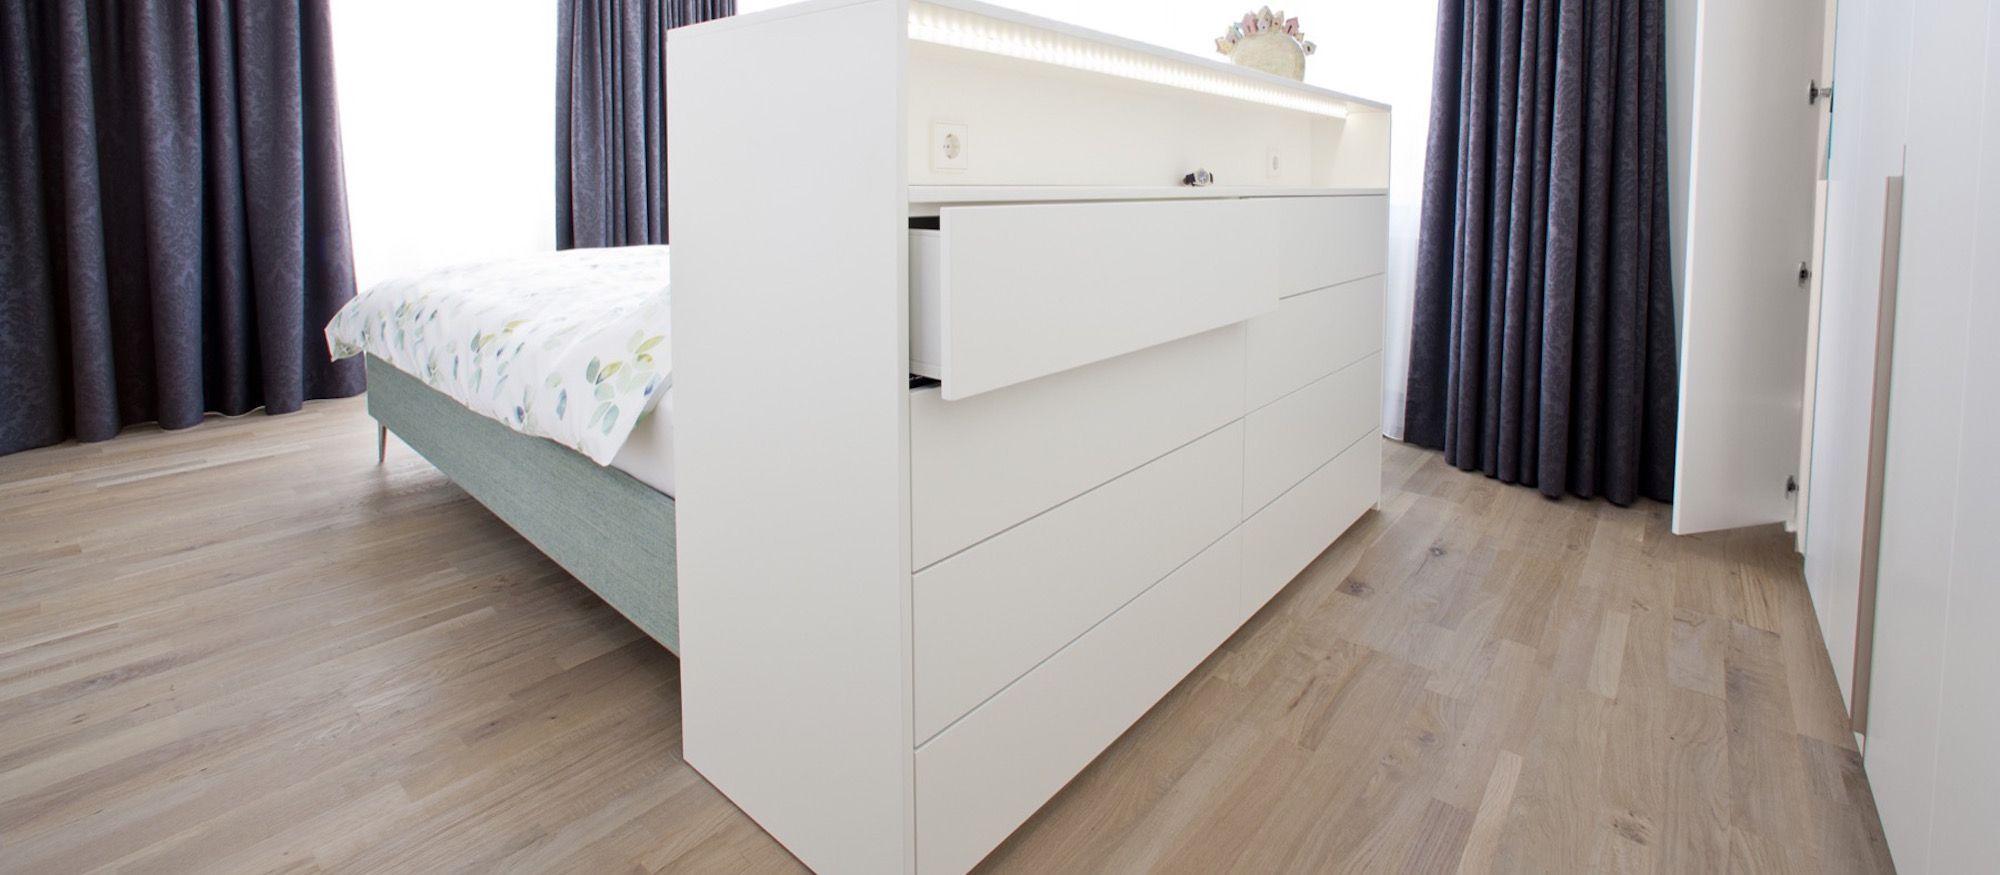 Slaapkamer ideeën en inspiratie in vele stijlen & kleuren ...